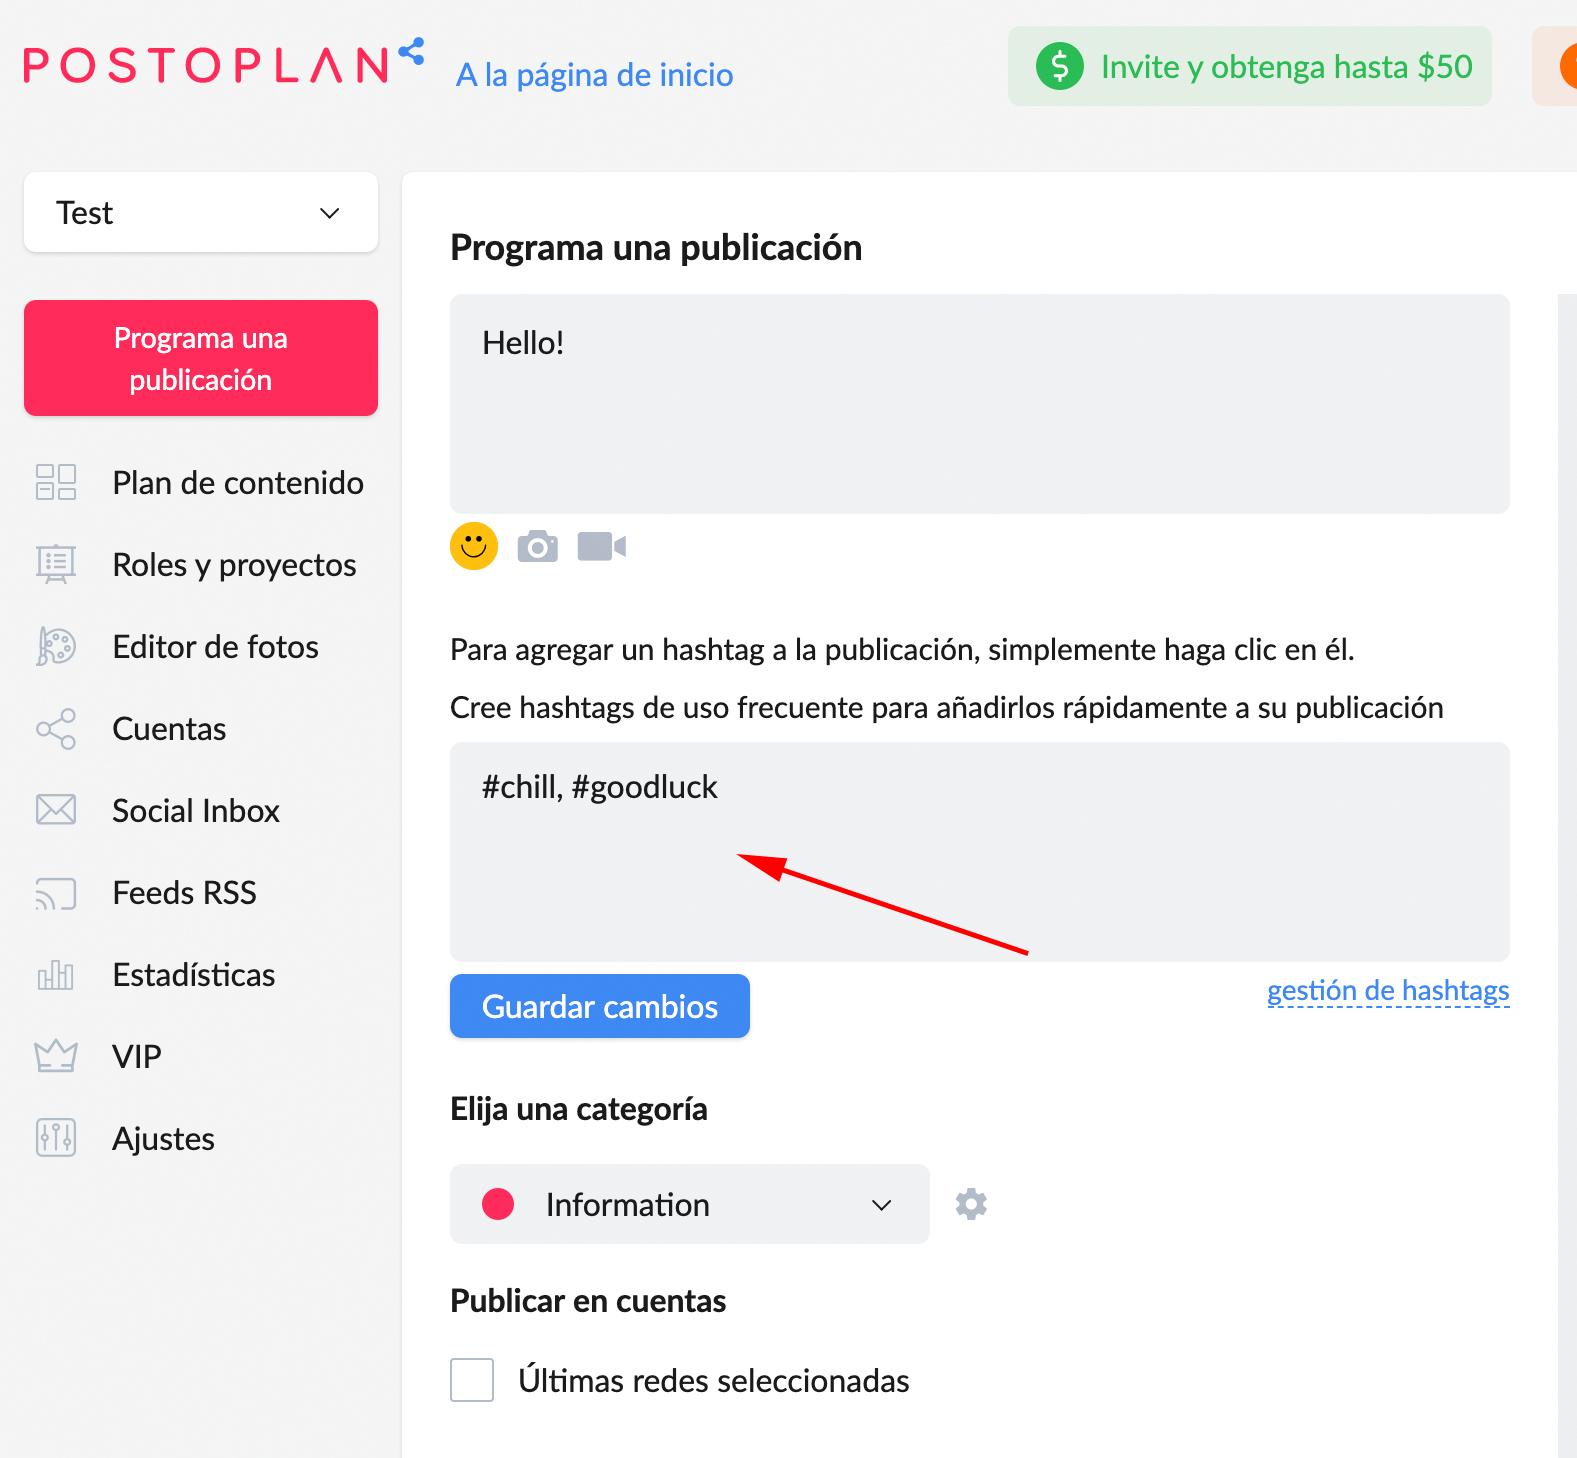 Cómo automatizar la publicación en redes - Imagen 4